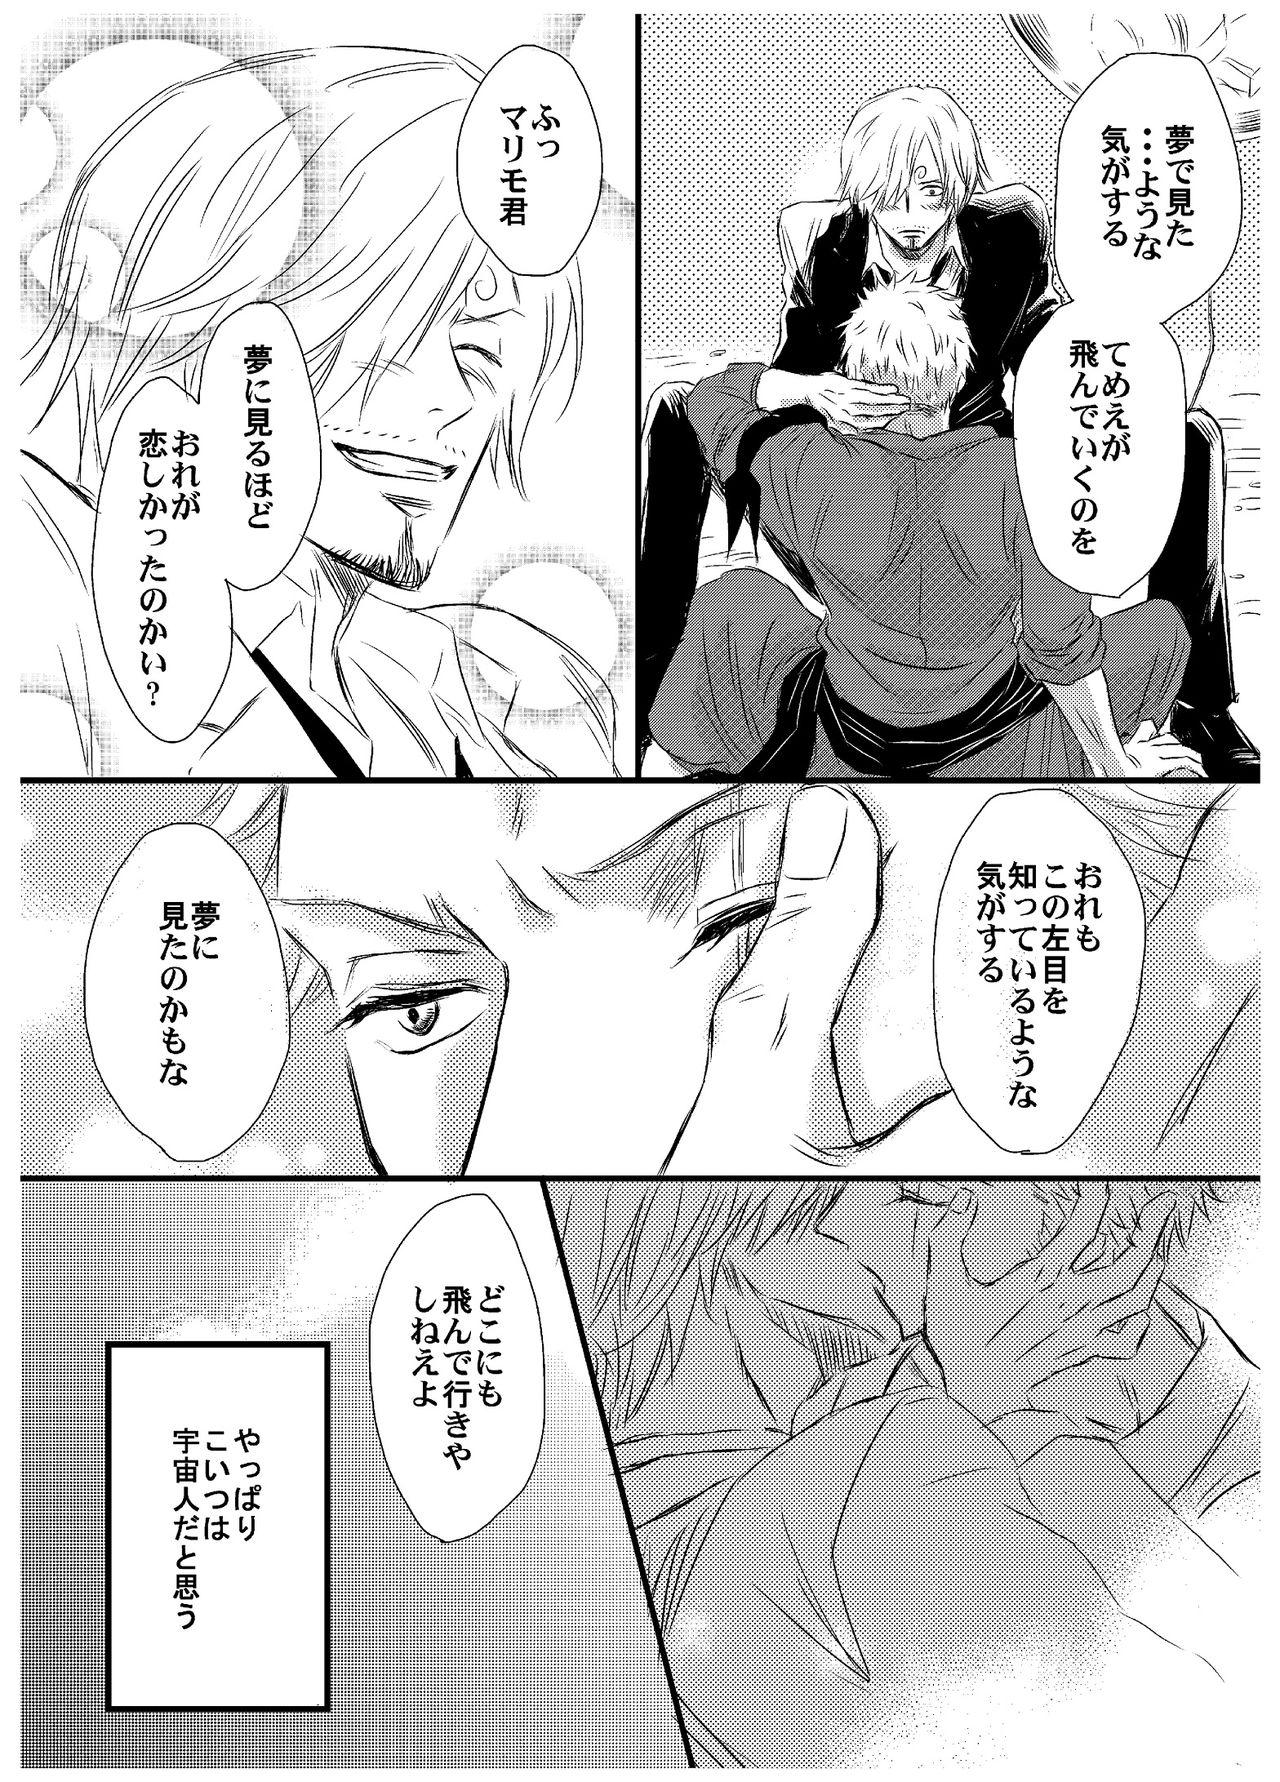 Inryoku de Hanasanai 33